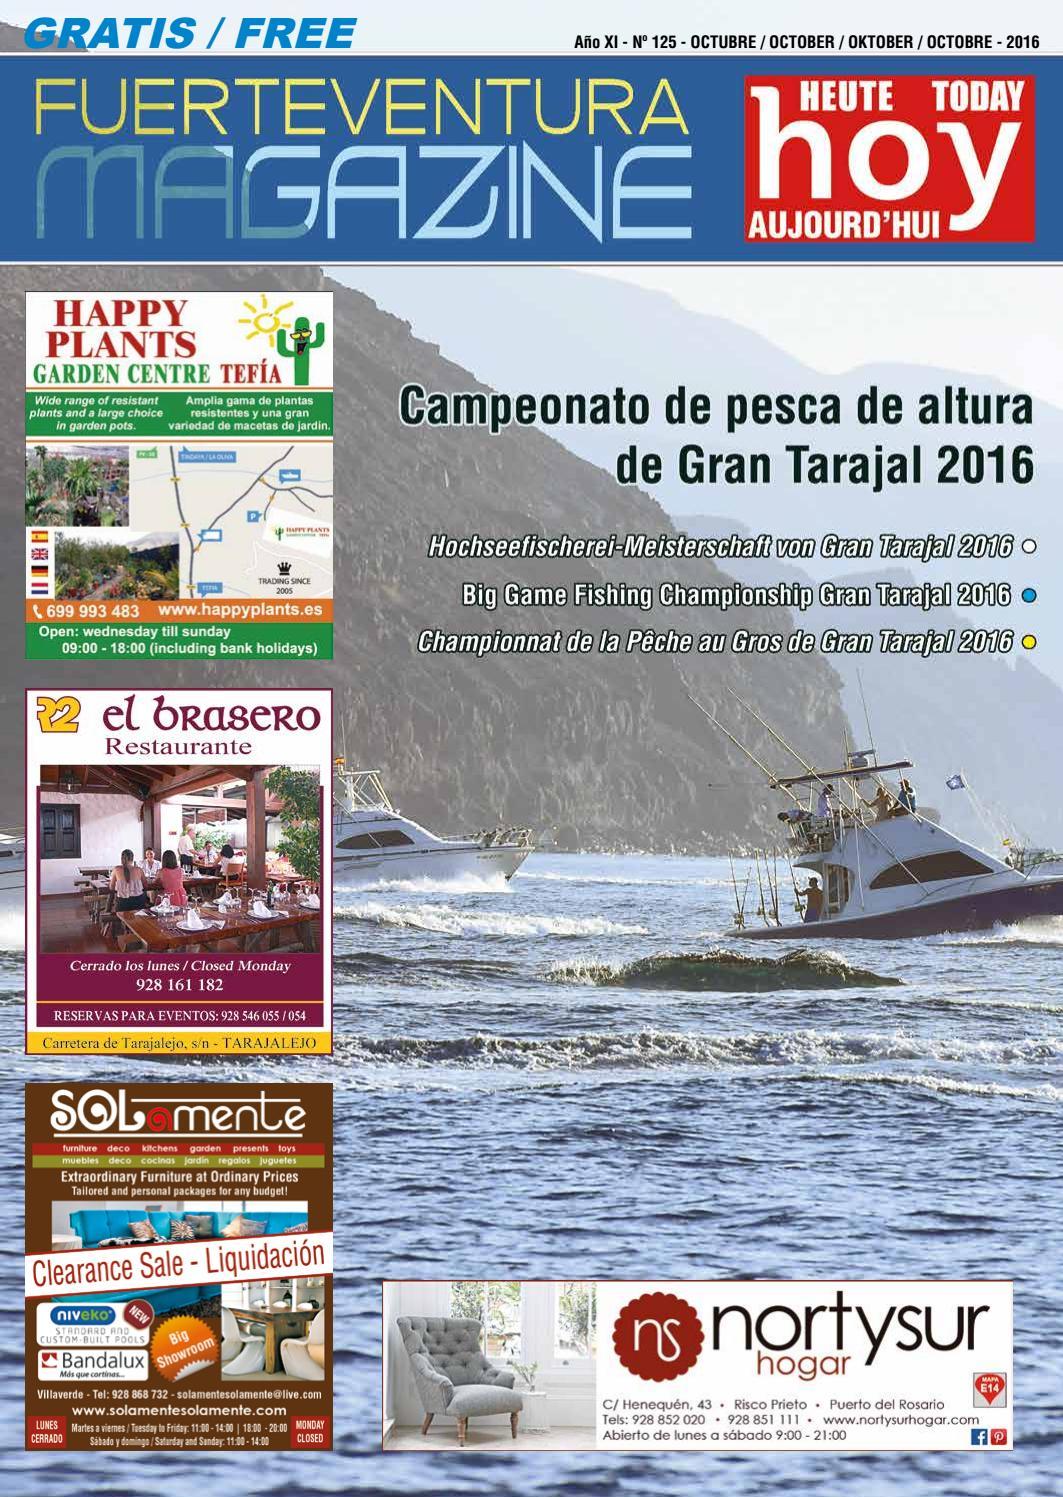 E44 Corte De Metales Die-Pretty Faro Playa de Vacaciones Mar